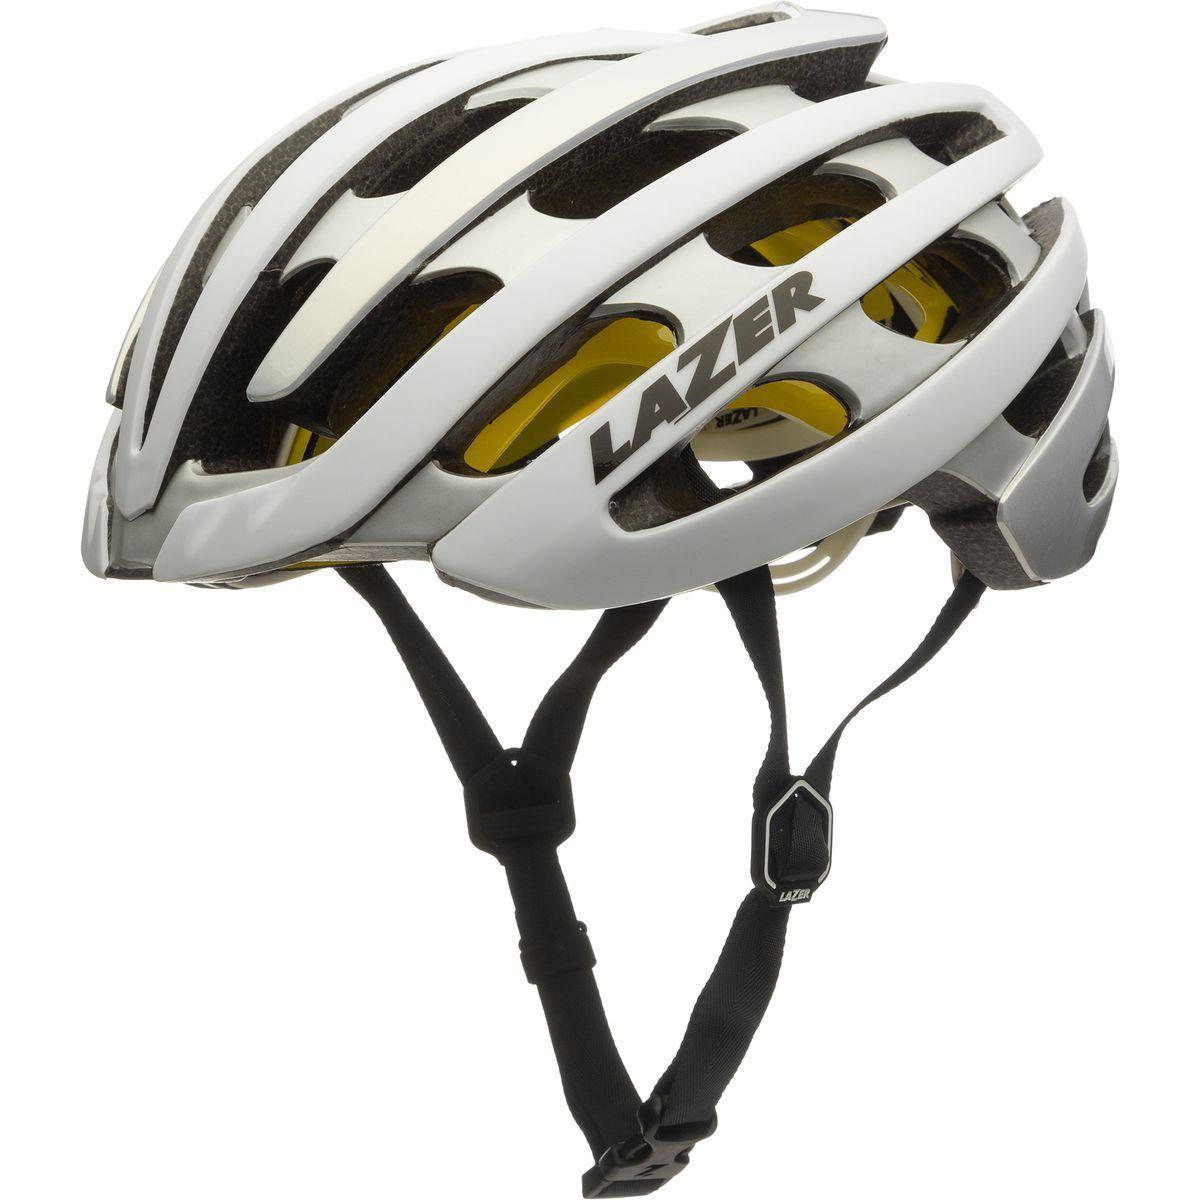 Lazer Sport Z1 Road Helmet With Aeroshell | BIKE HELMETS | Evans ...